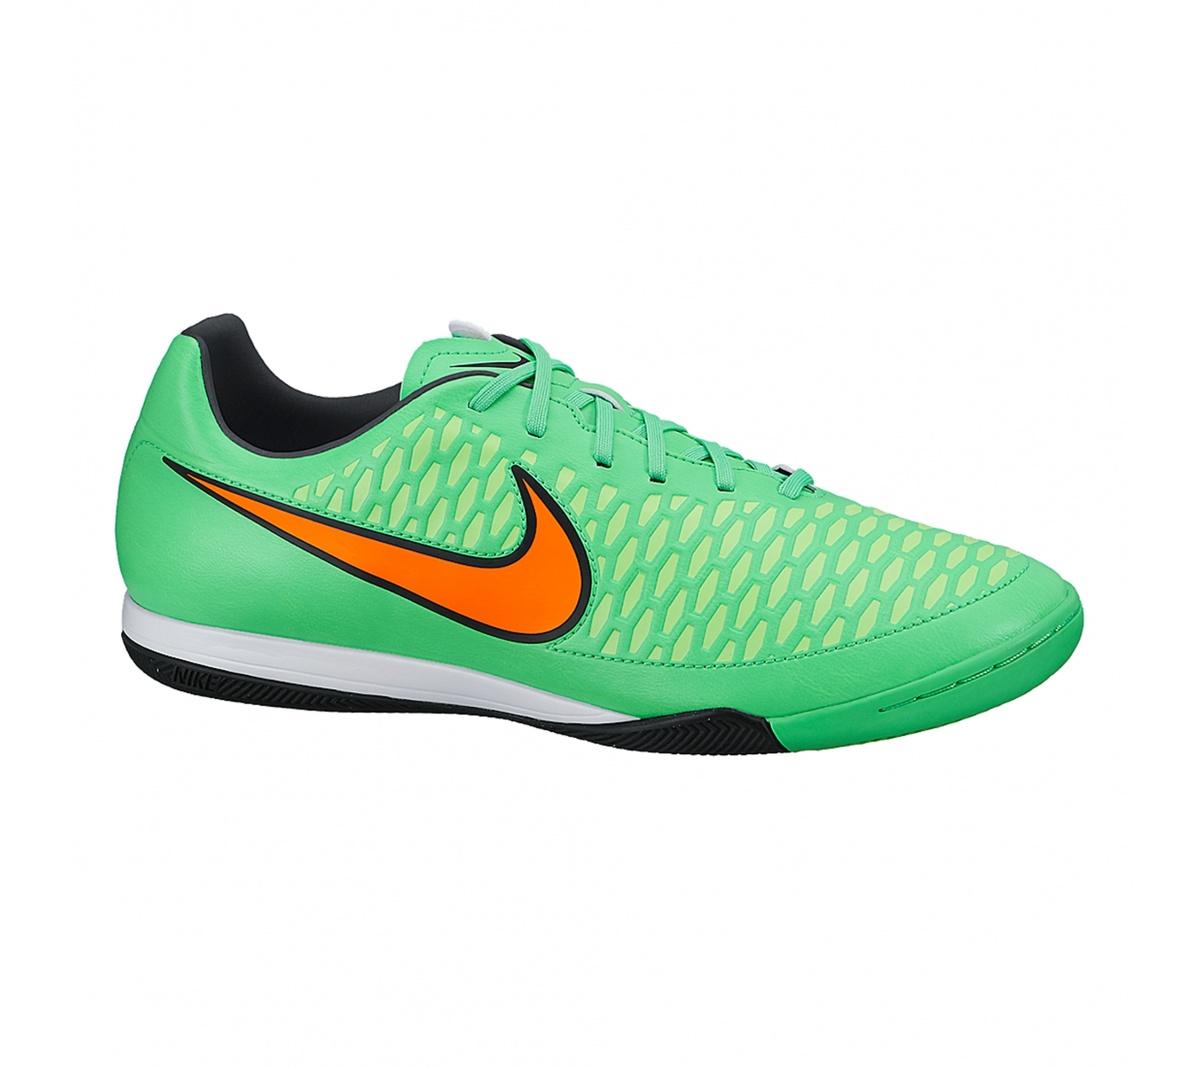 c6f23931bd4db Tênis Nike Magista Onda Futsal Tênis Nike Magista Onda Futsal ...